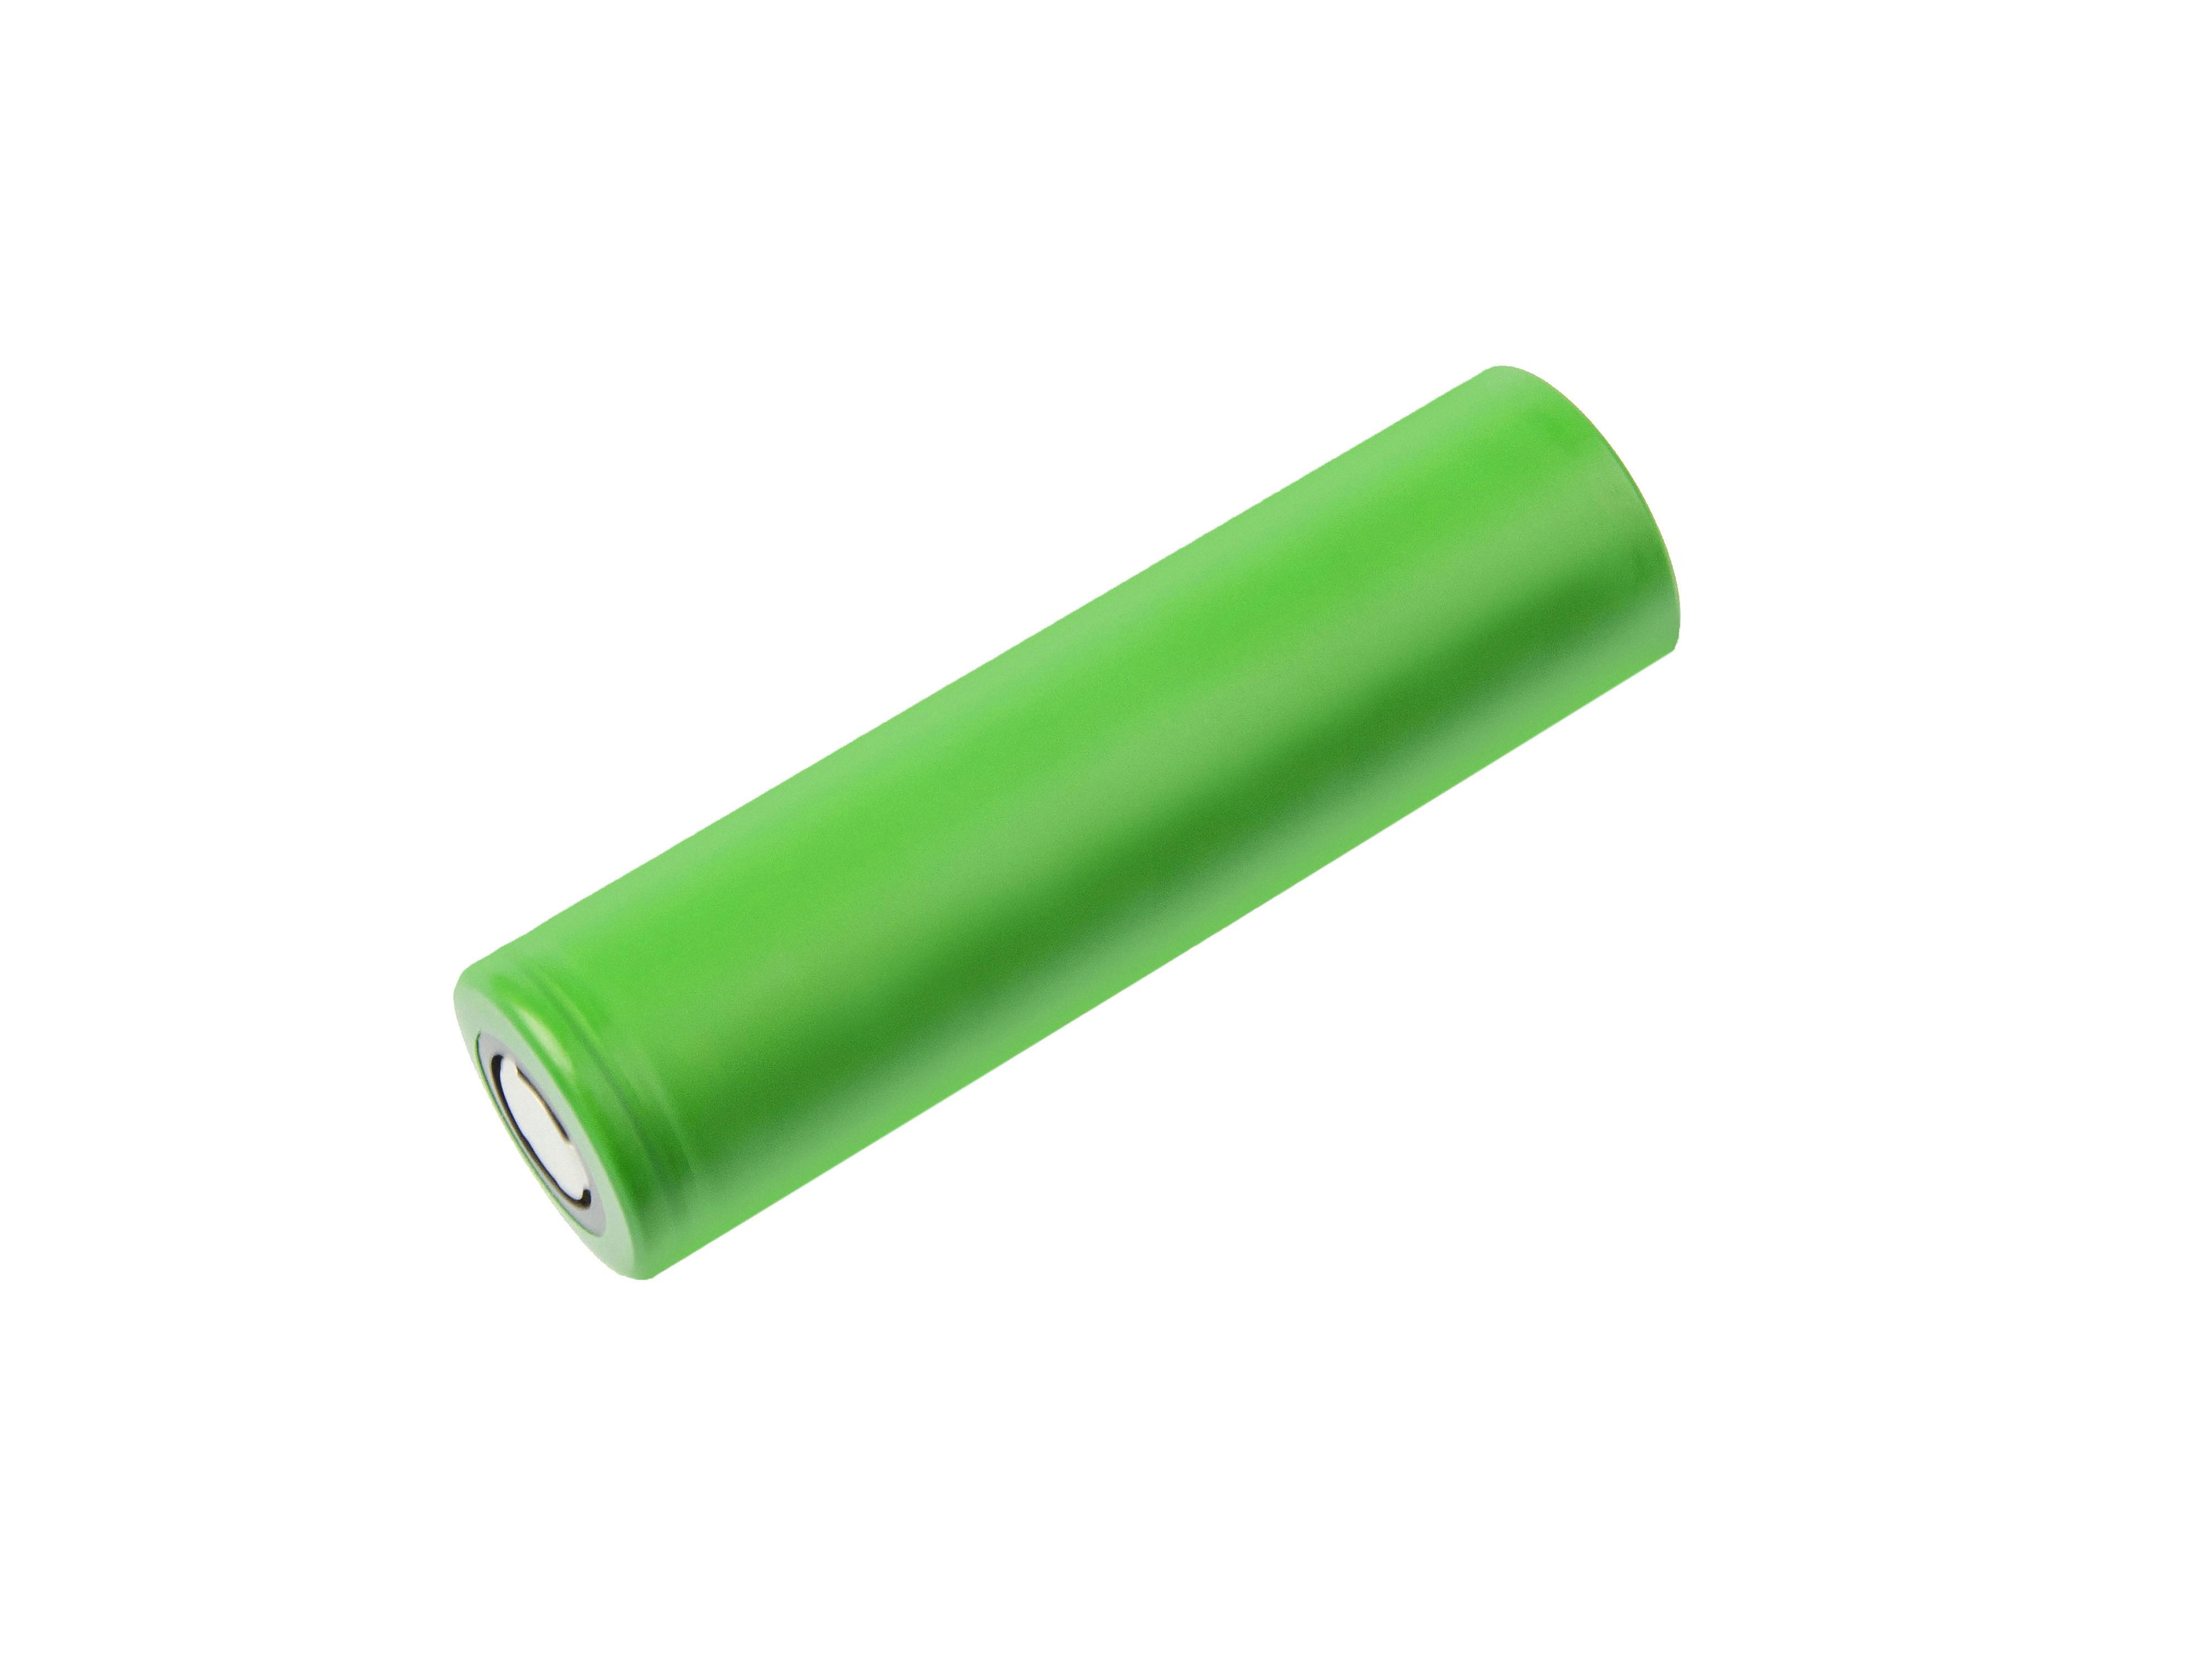 Ogniwo Sony US18650VTC5 Akumulator Li-Ion 18650 3.6V 2600mAh 20A